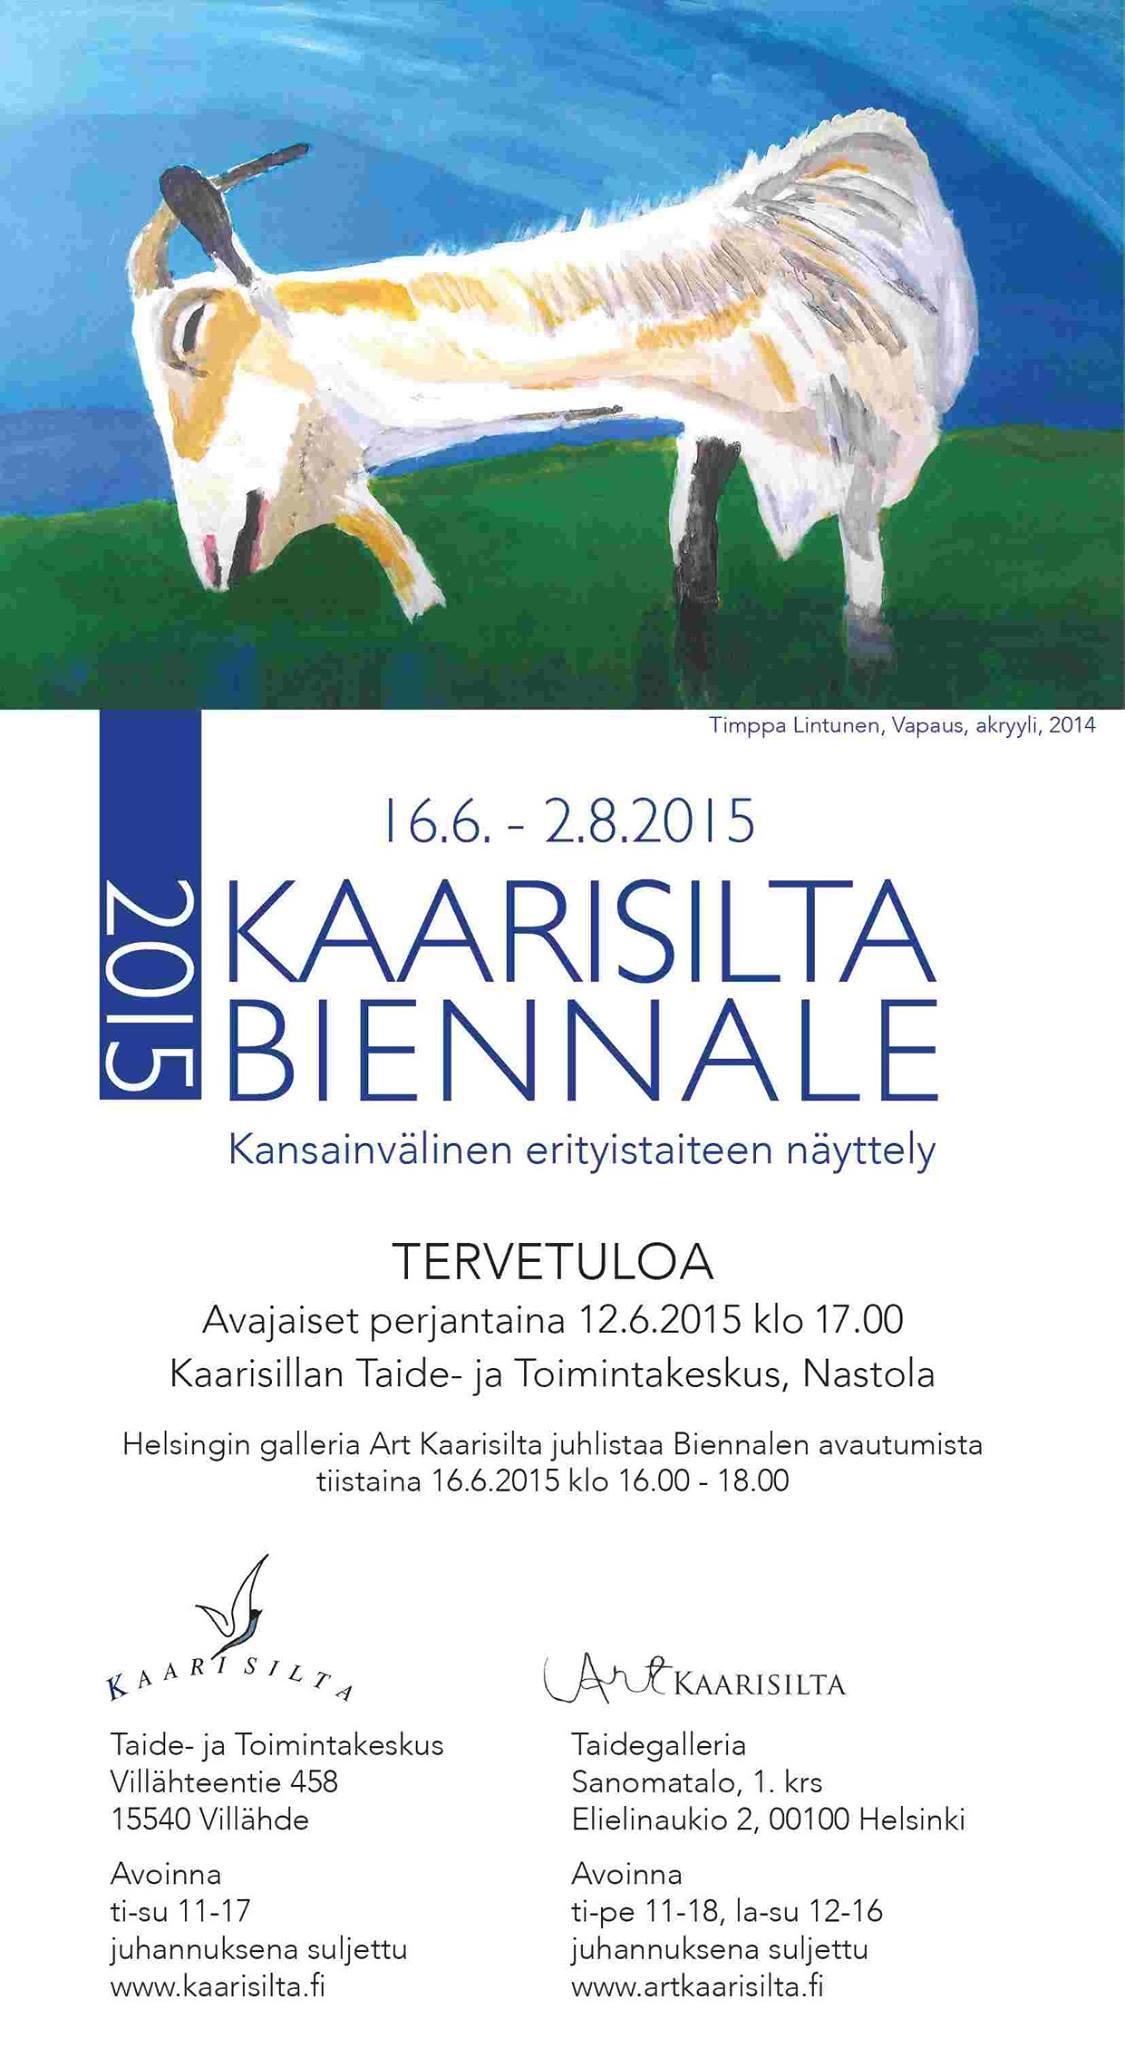 Kaarisilta Biennale 2015